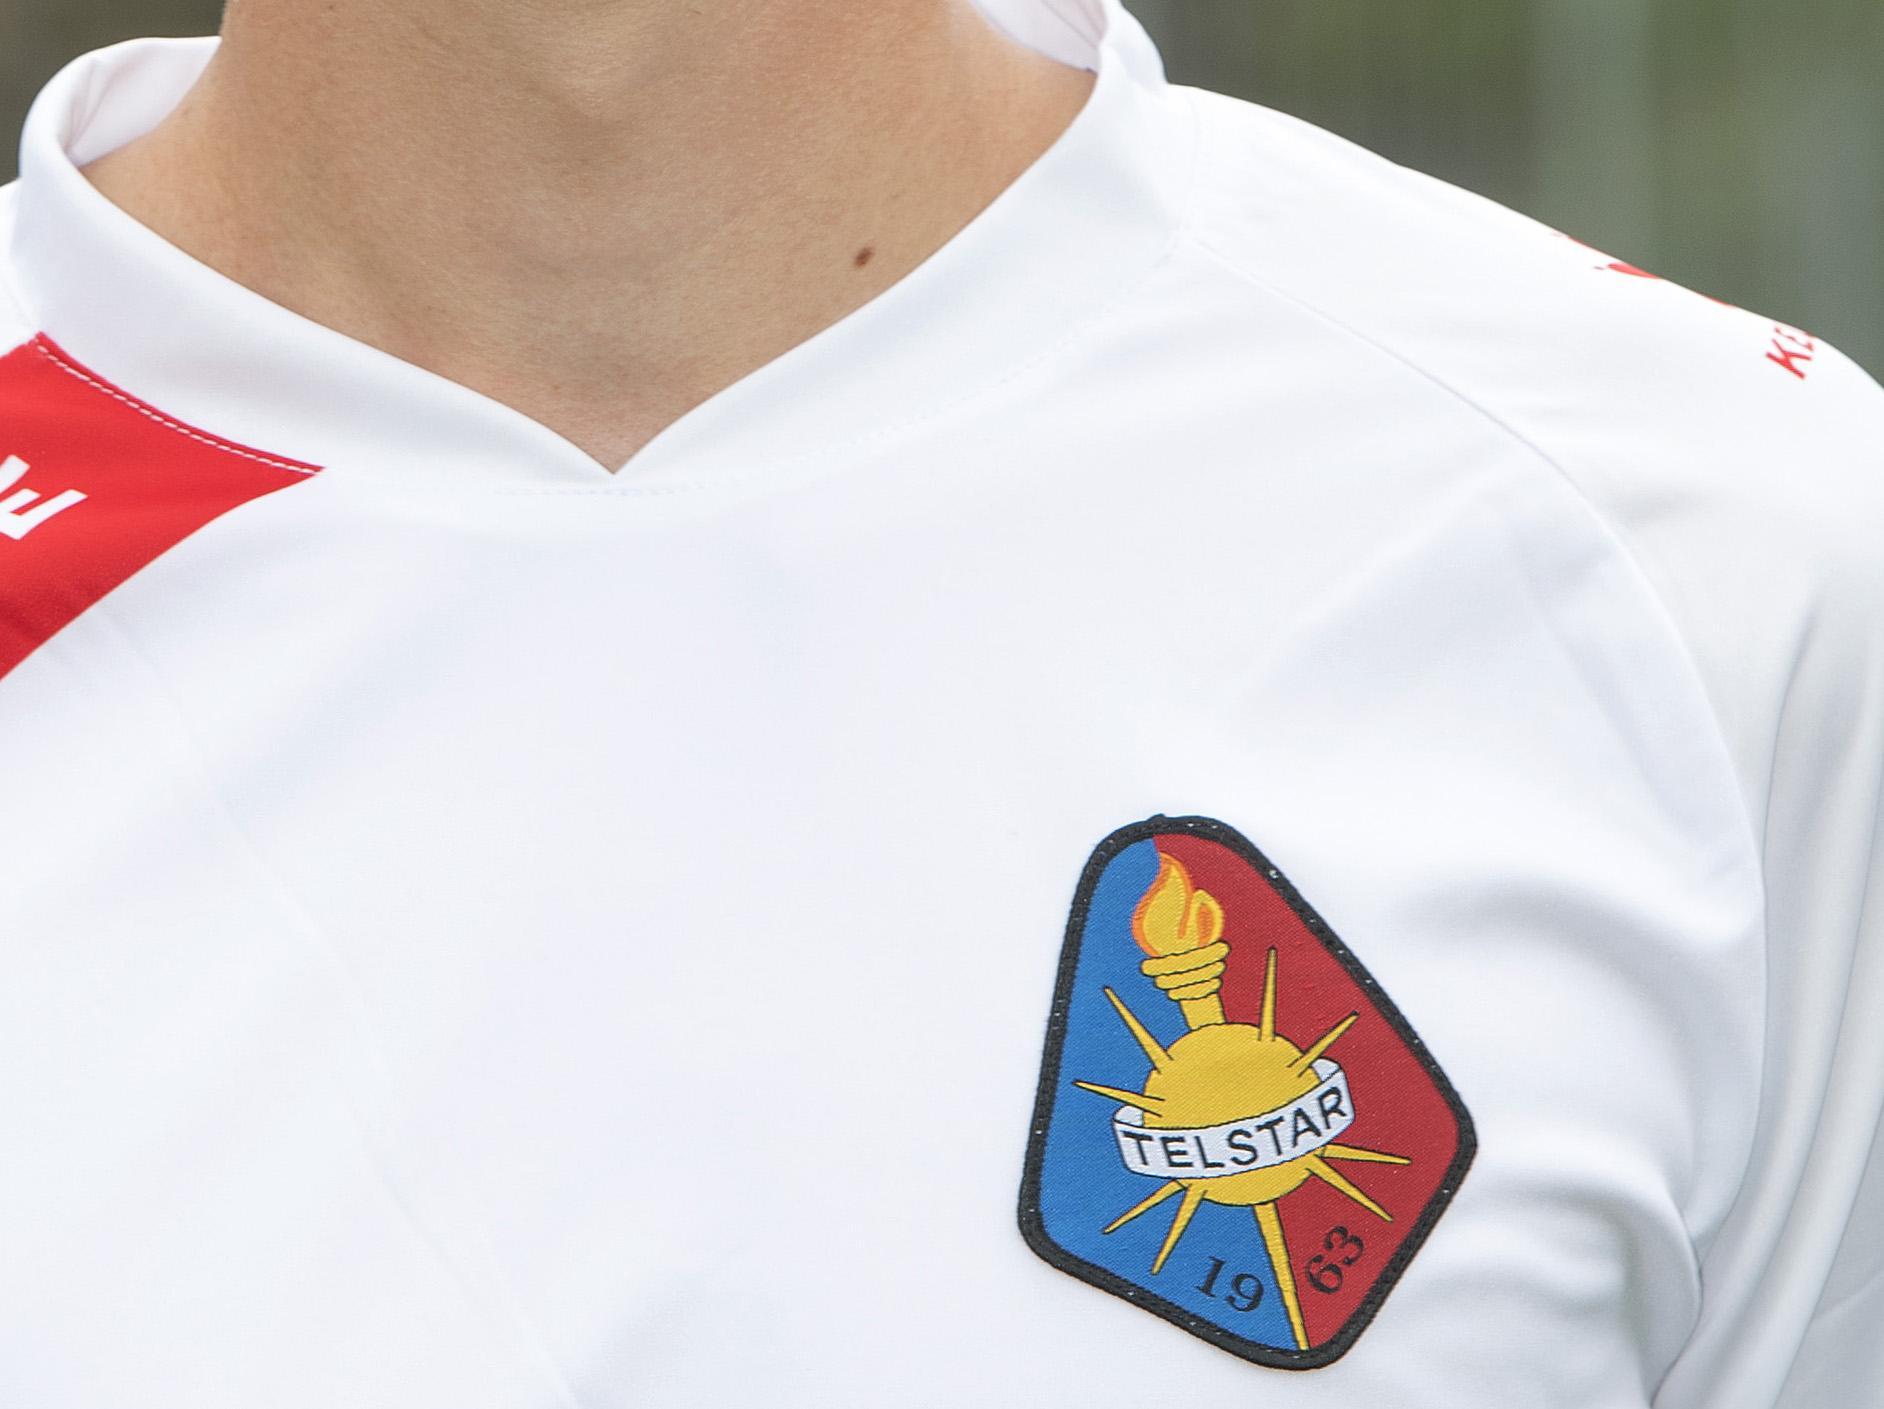 Telstar verkoopt 23.000 kaarten voor de wedstrijd tegen Go Ahead Eagles, en niemand mocht erbij zijn